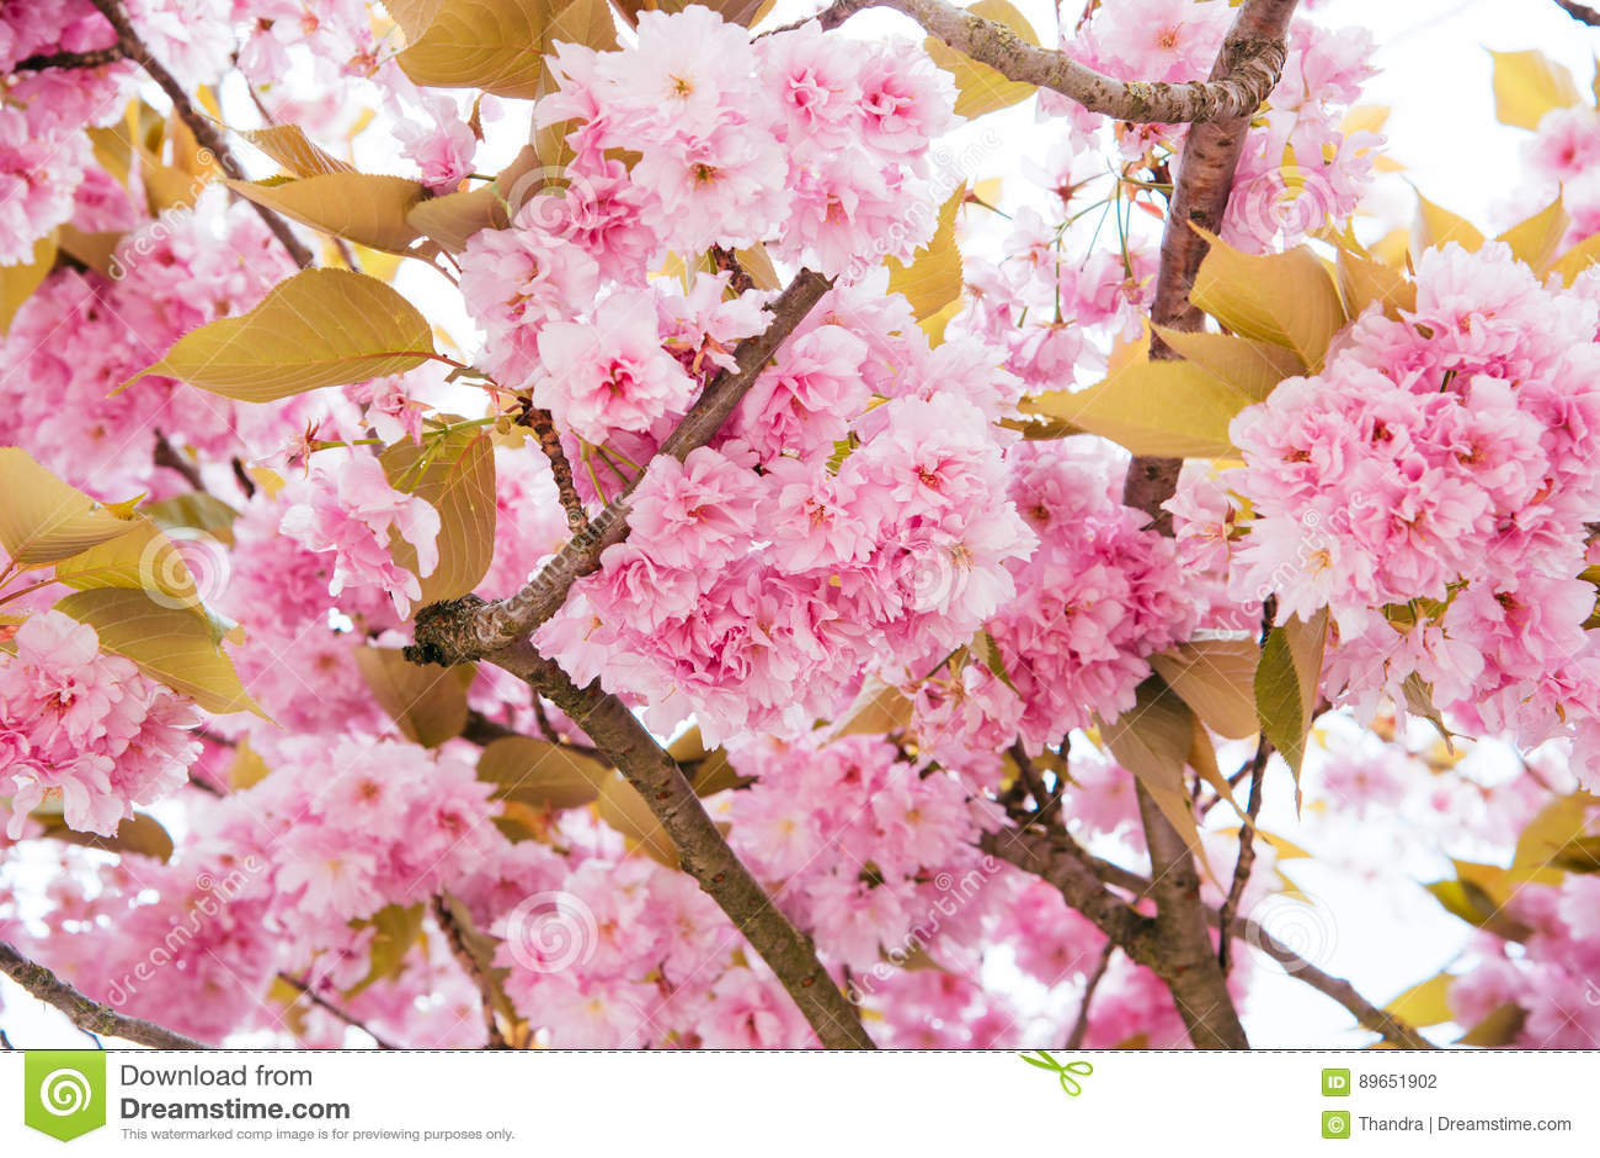 Nuvole Del Fiore E Del Cielo Del Fiore Di Ciliegia Per Sfondo